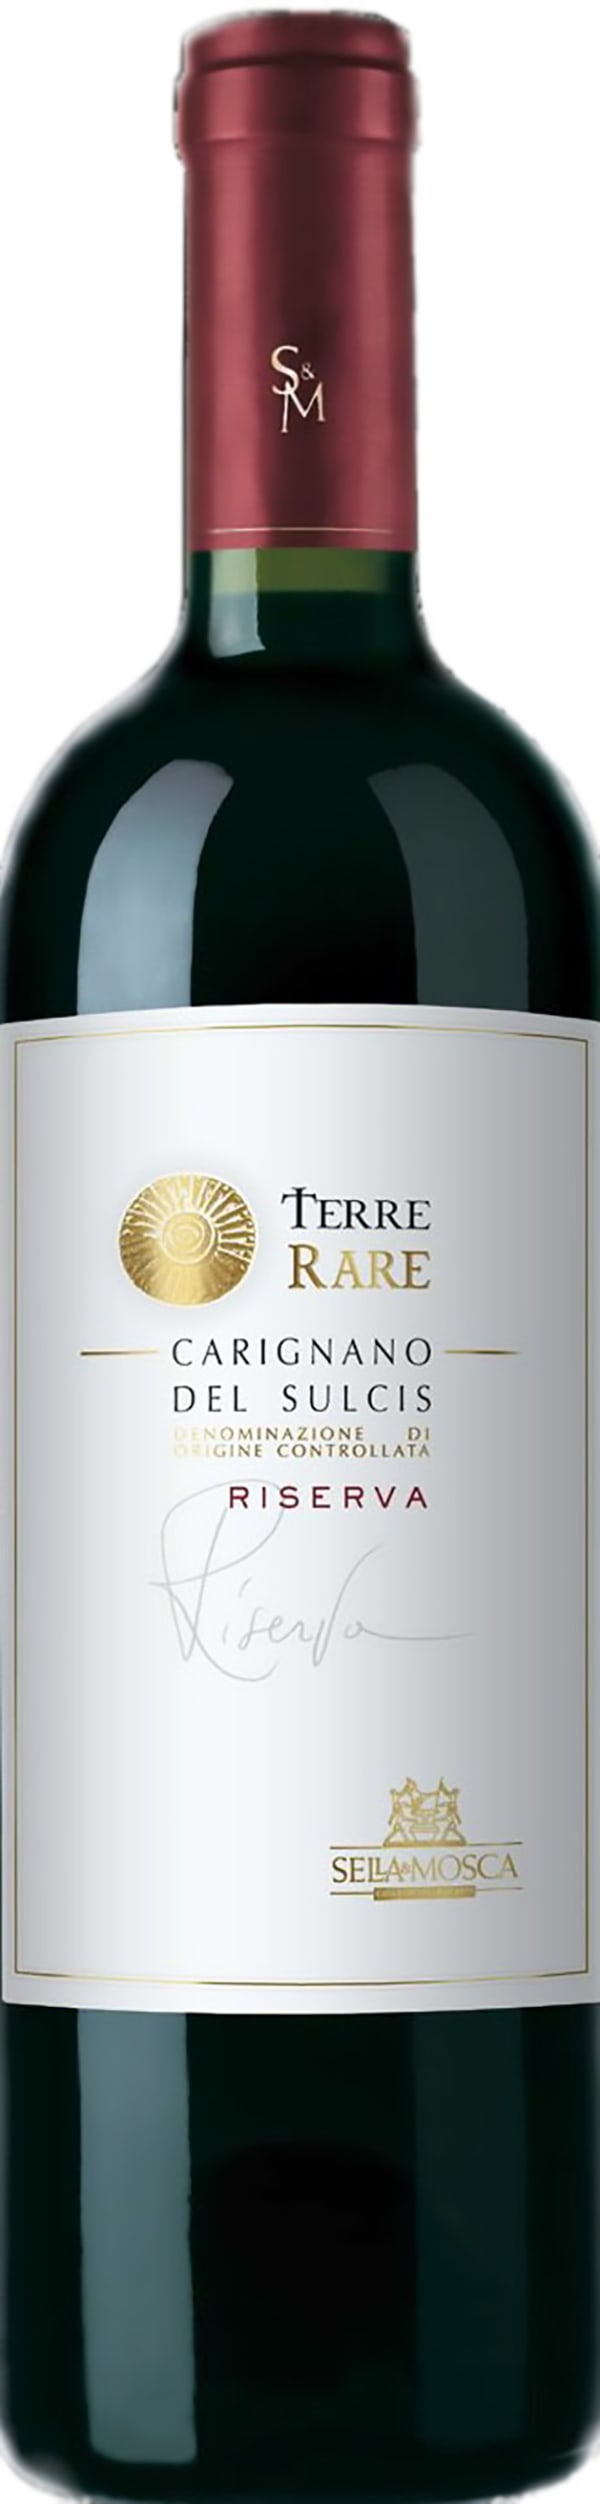 Sella & Mosca Terre Rare Riserva 2014